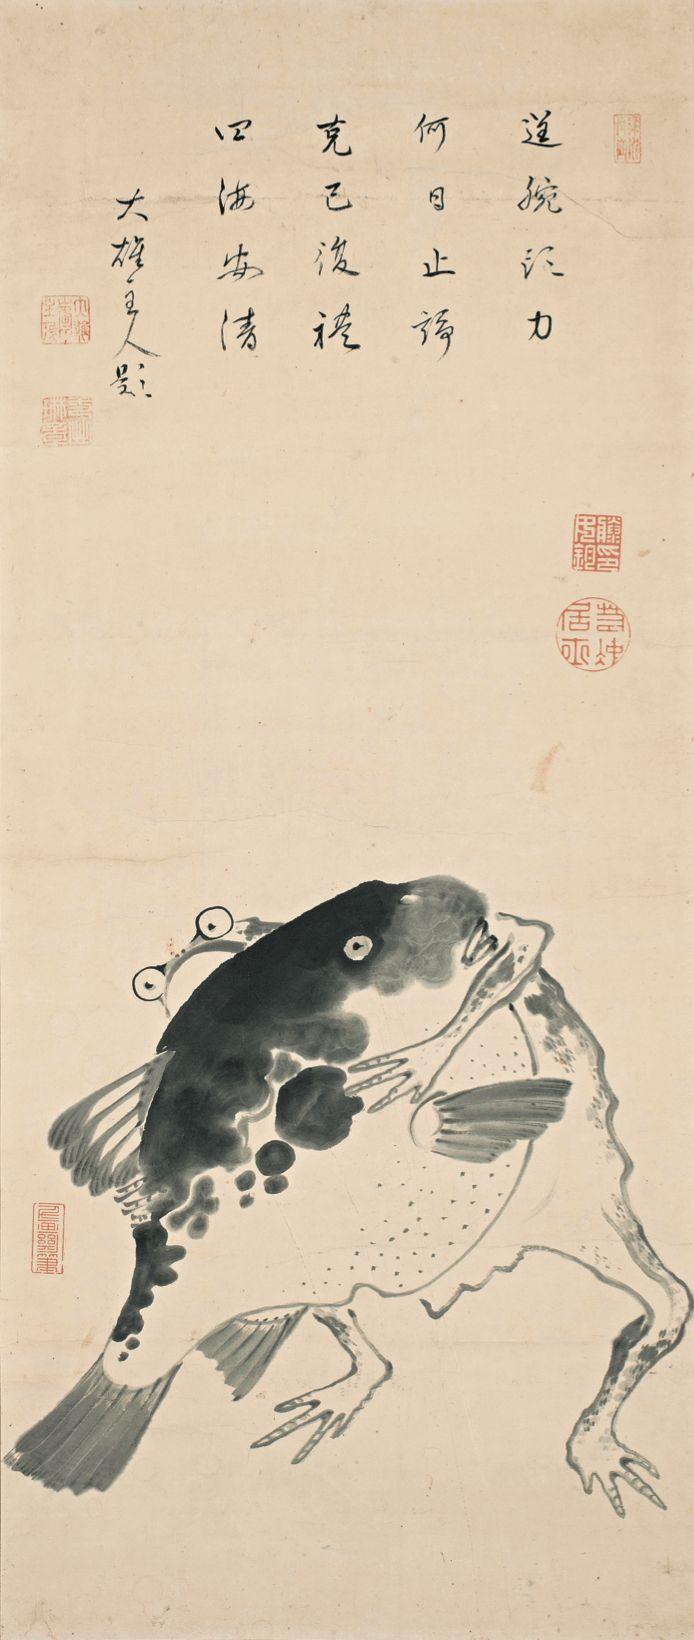 DMA-河豚と蛙の相撲図-min